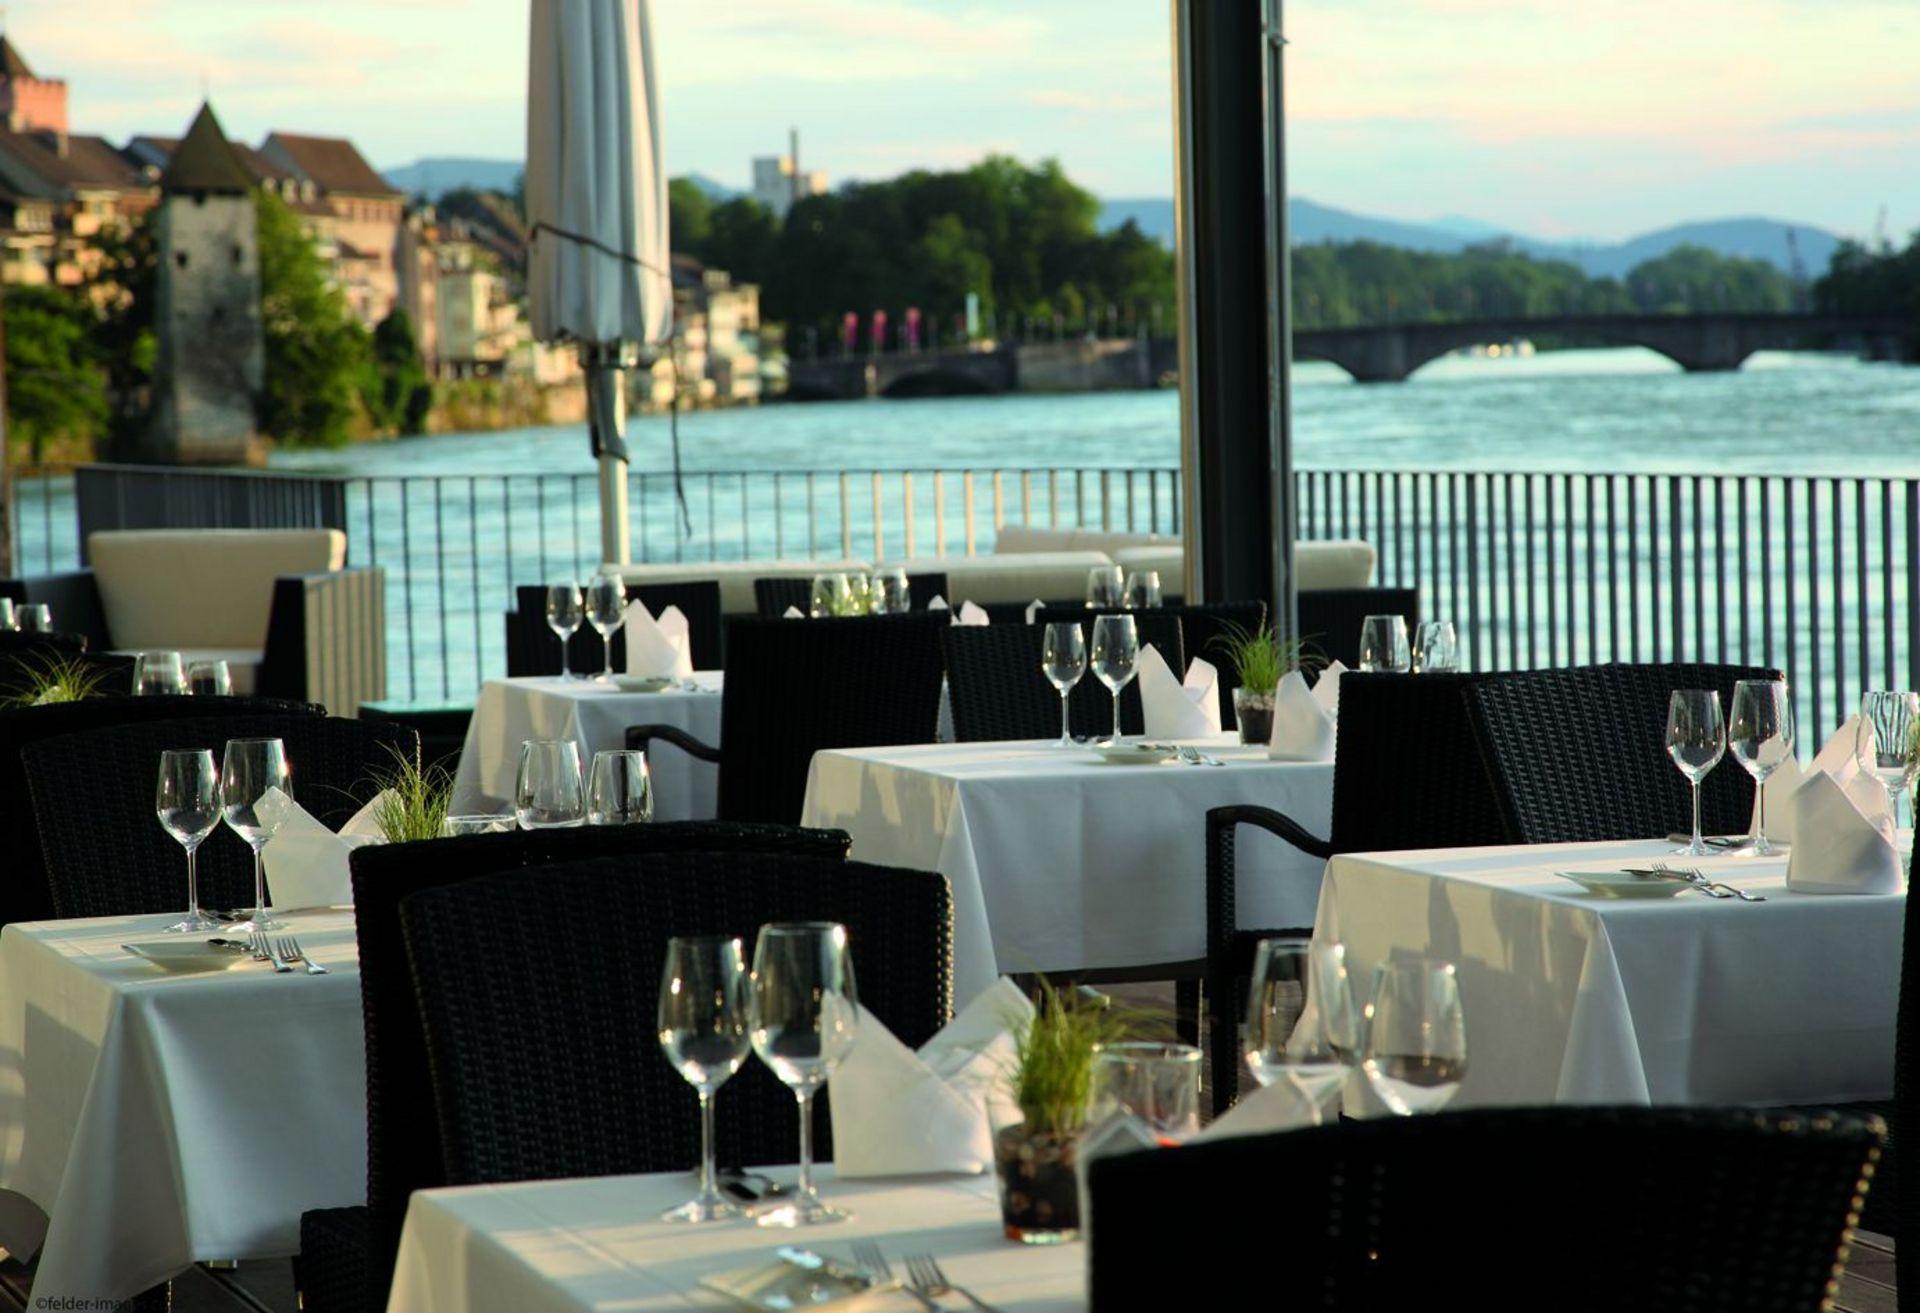 Eingedeckte Tische auf Rheinterrasse ohne Gäste